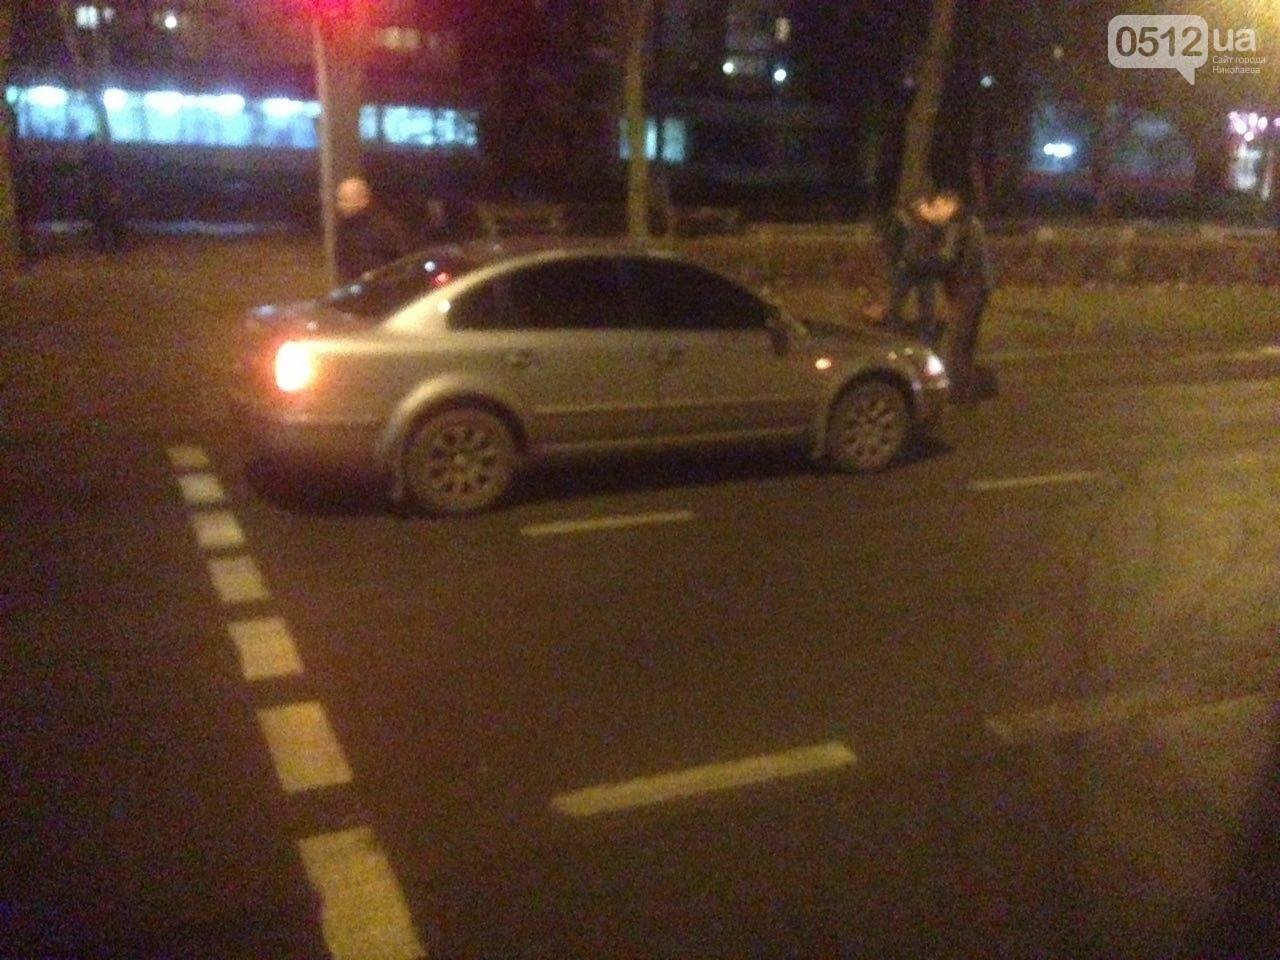 В центре Николаева пьяный военный попал под колеса Volkswagen - его госпитализировали, - ФОТО,ВИДЕО, фото-4